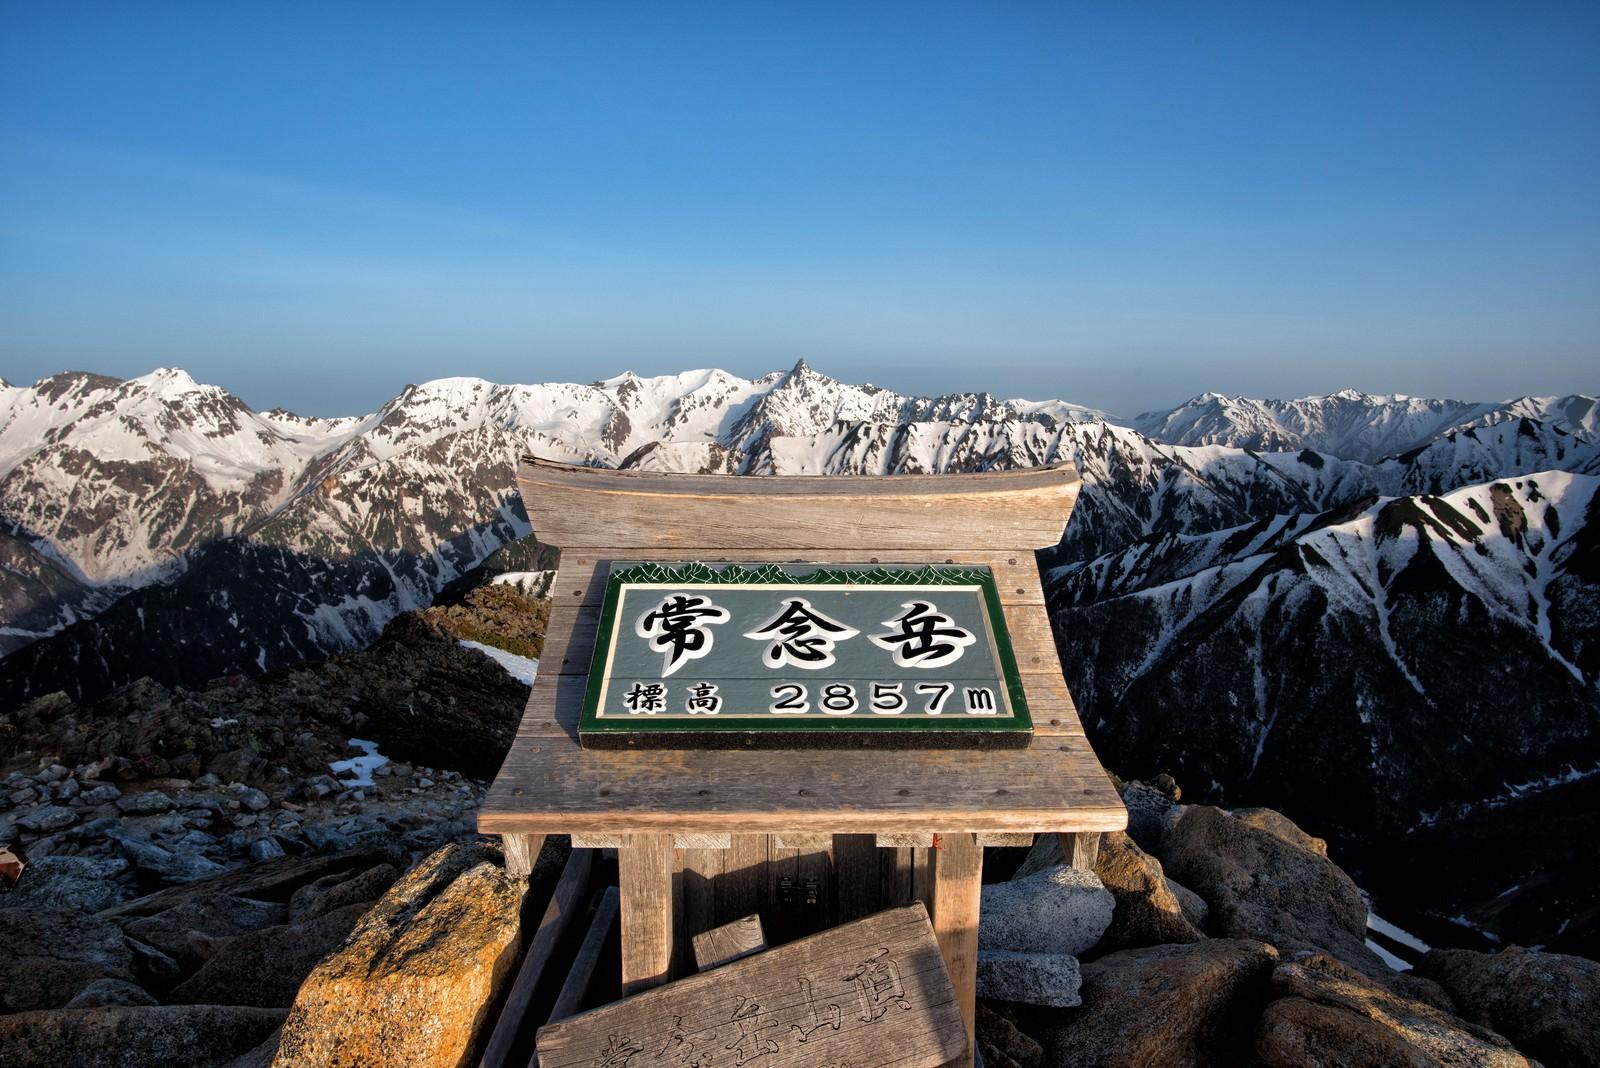 「常念岳山頂から望む山並み」の写真